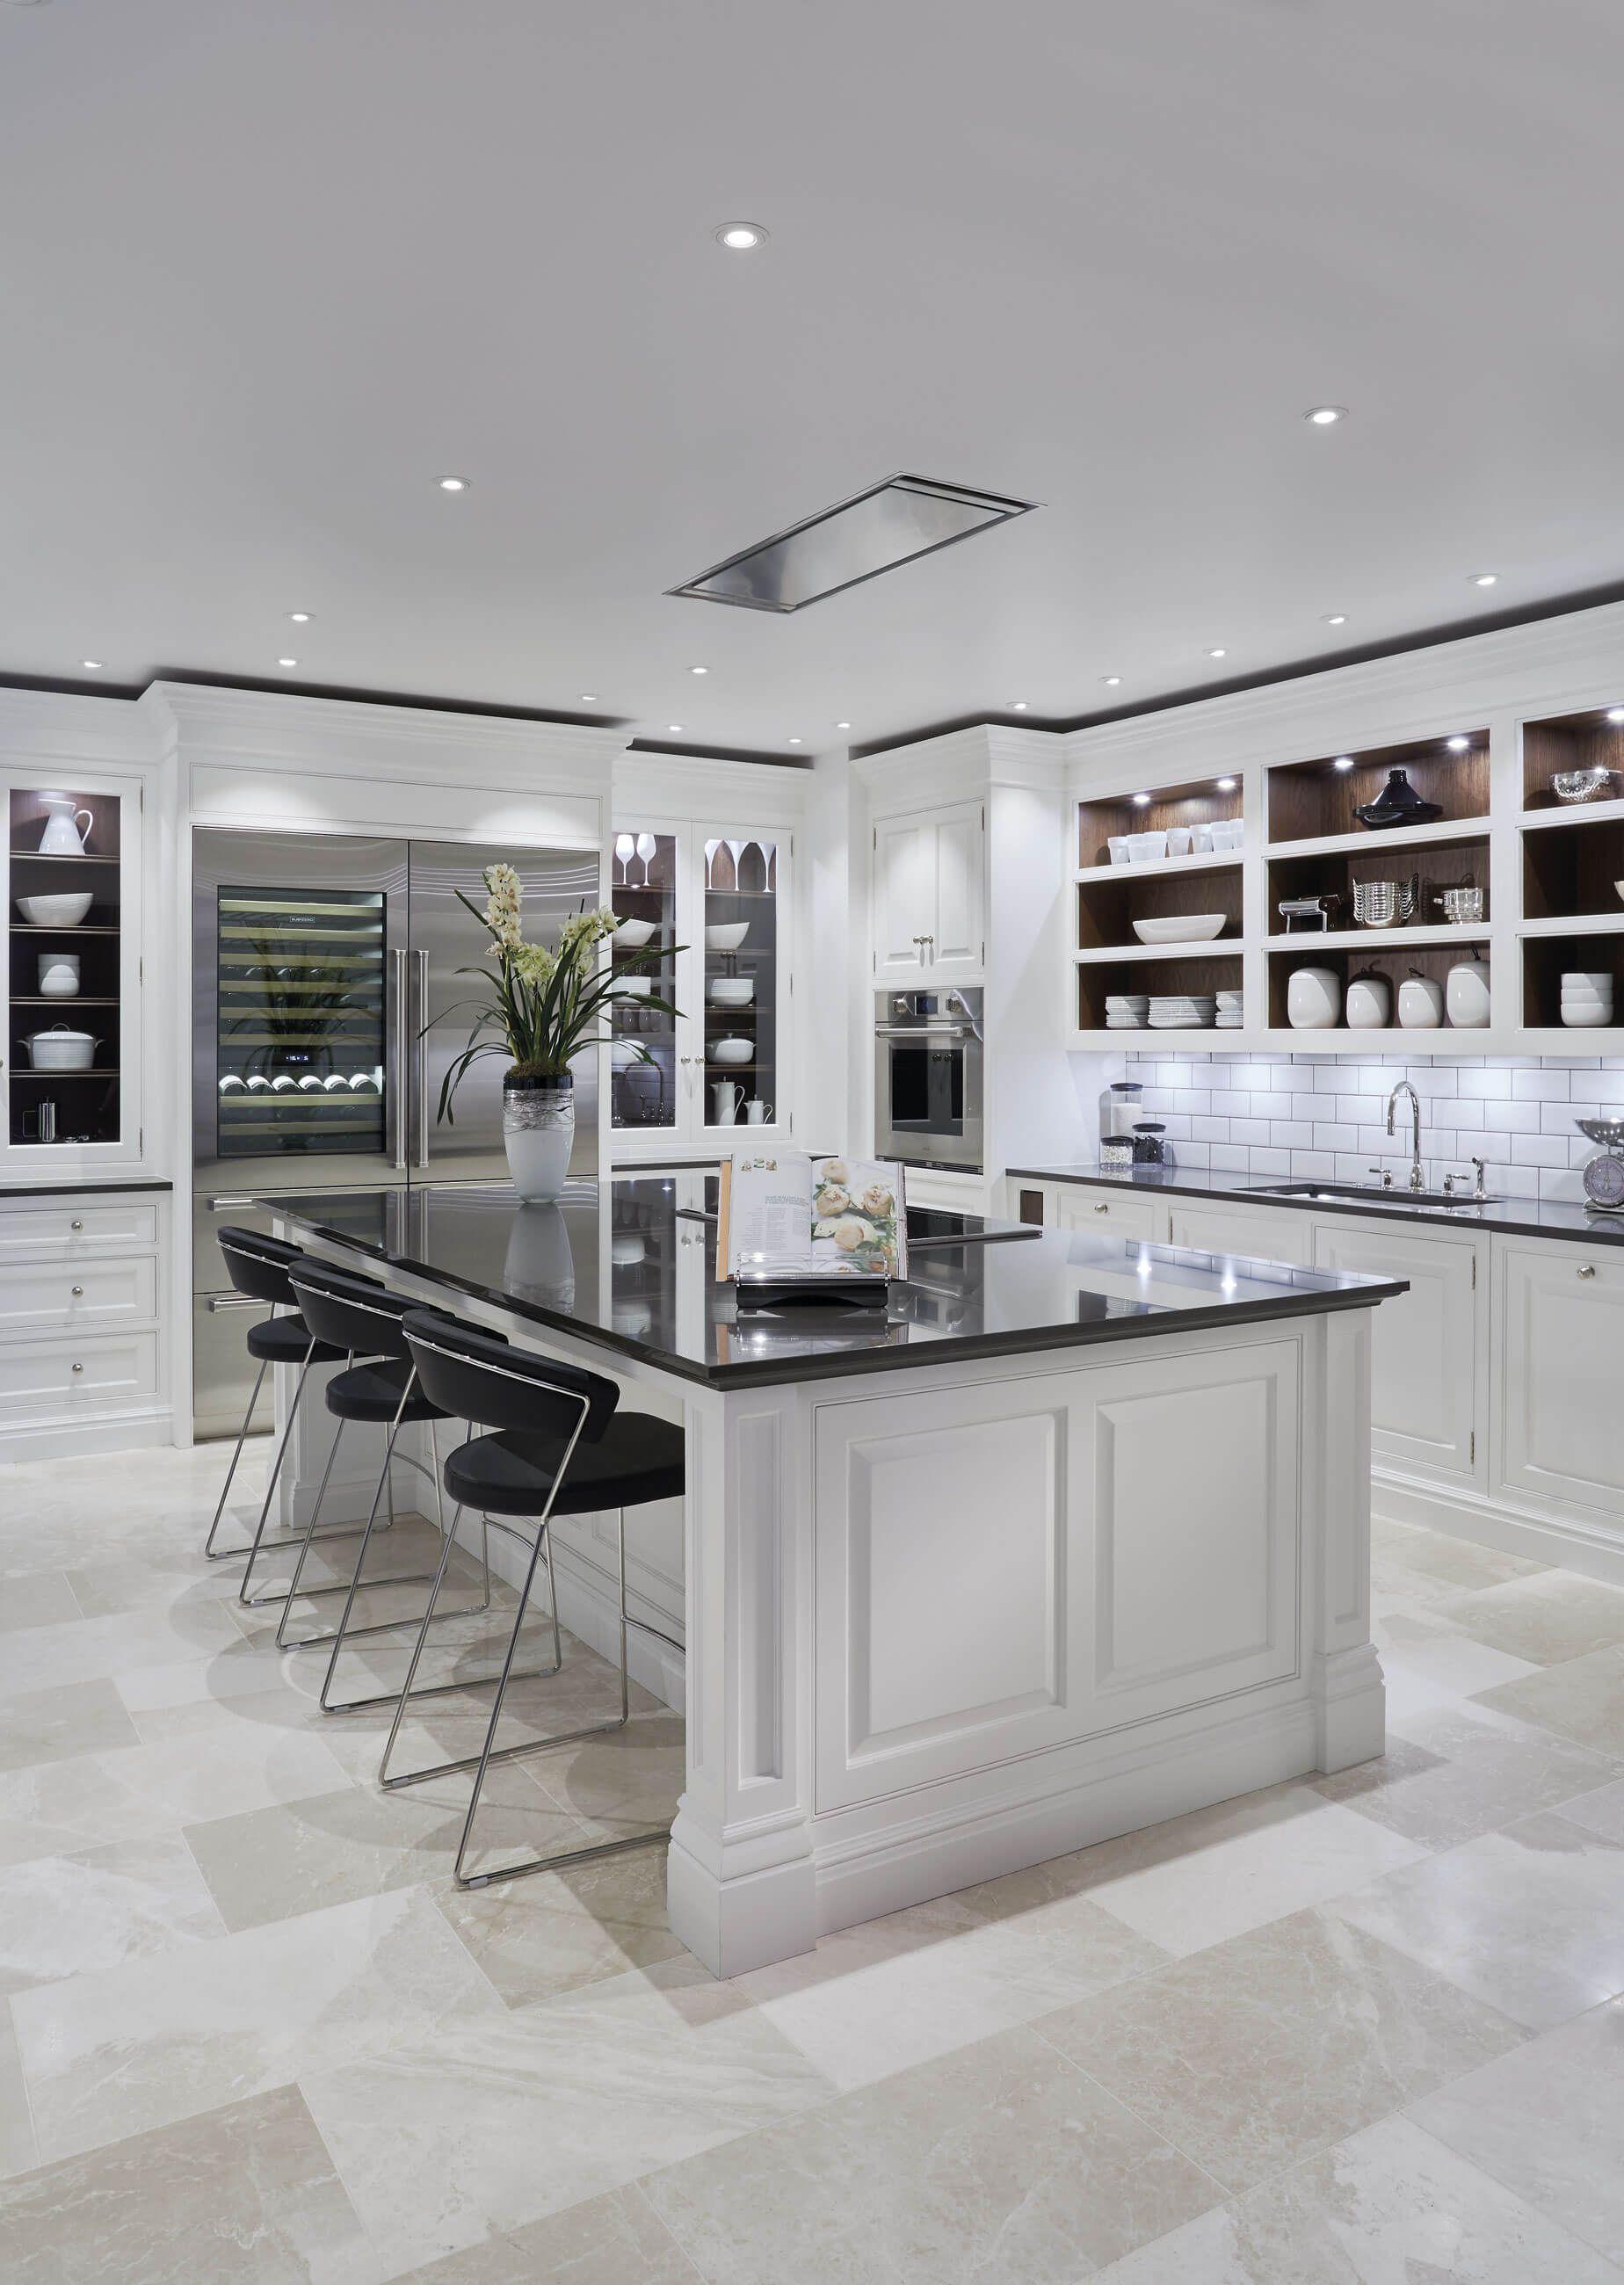 Kitchen Island in 2020 Luxury kitchens, Grand kitchen